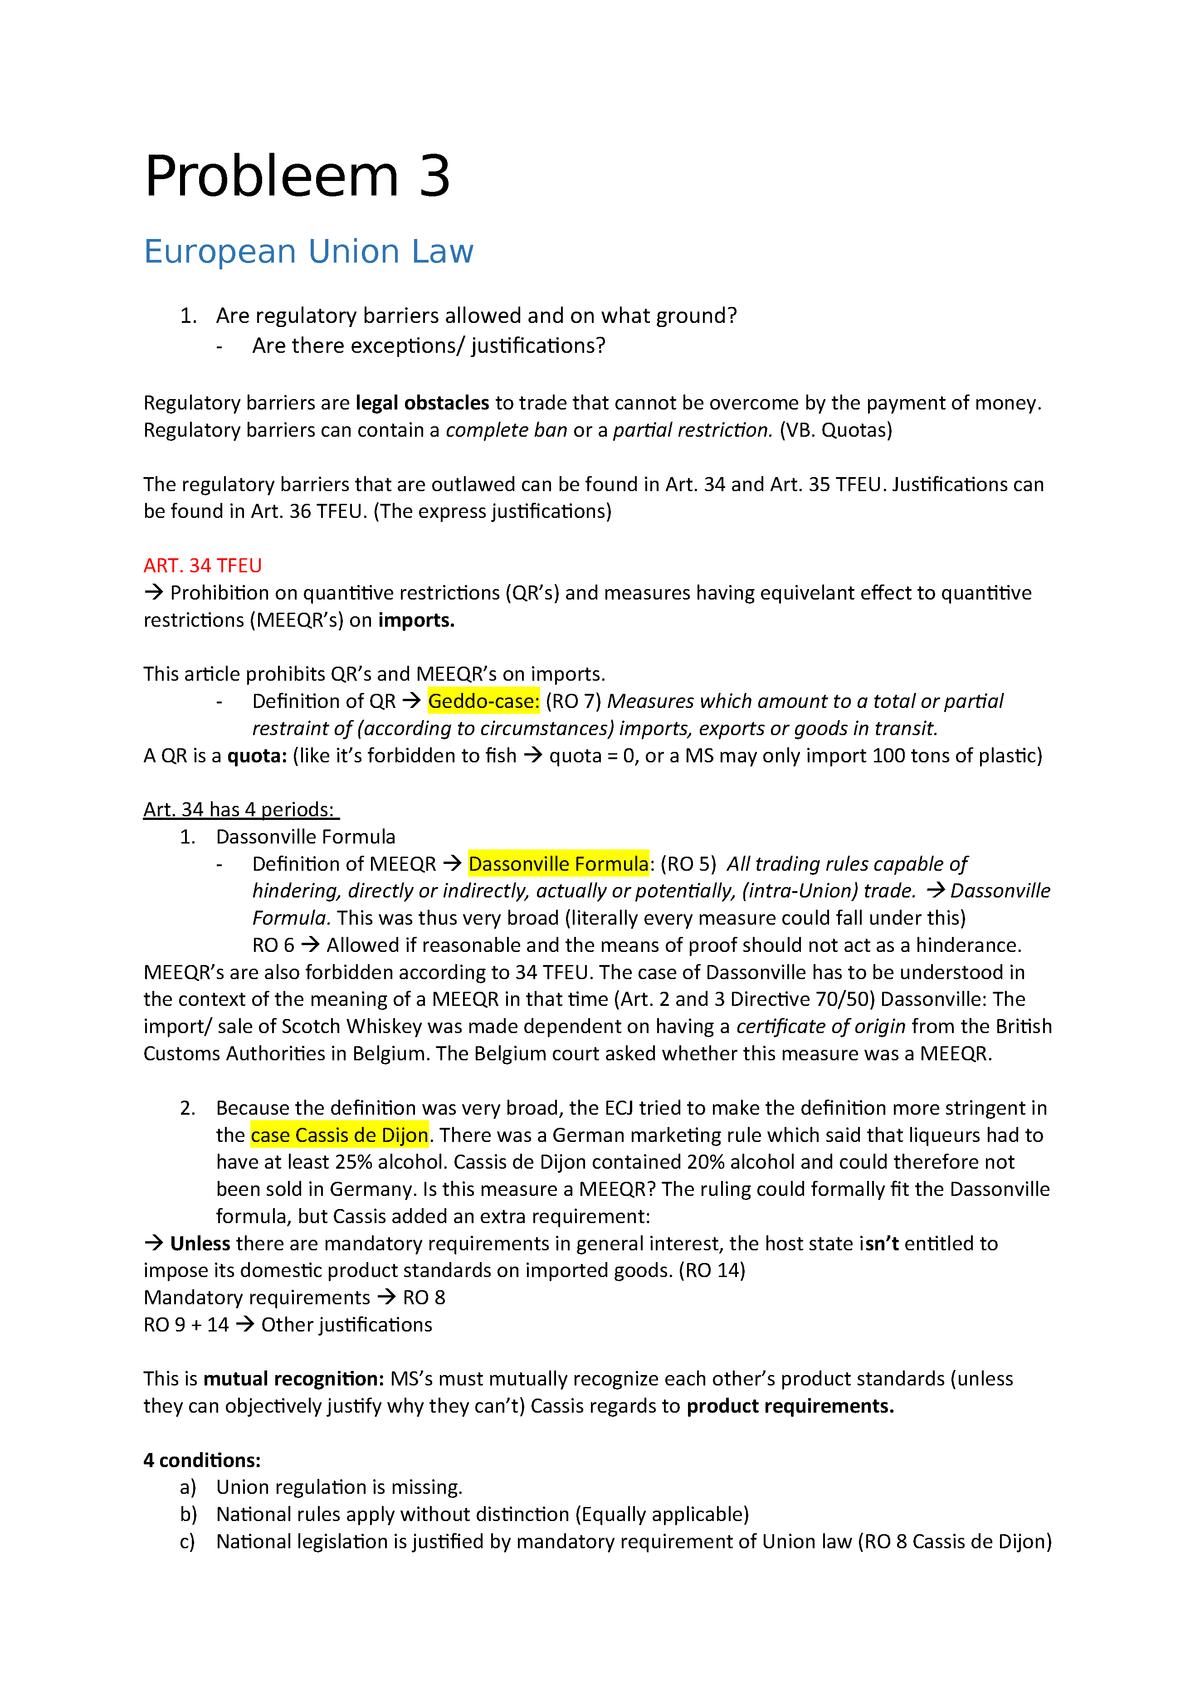 Probleem 3 - EUL - RR202: European Union Law - StudeerSnel nl